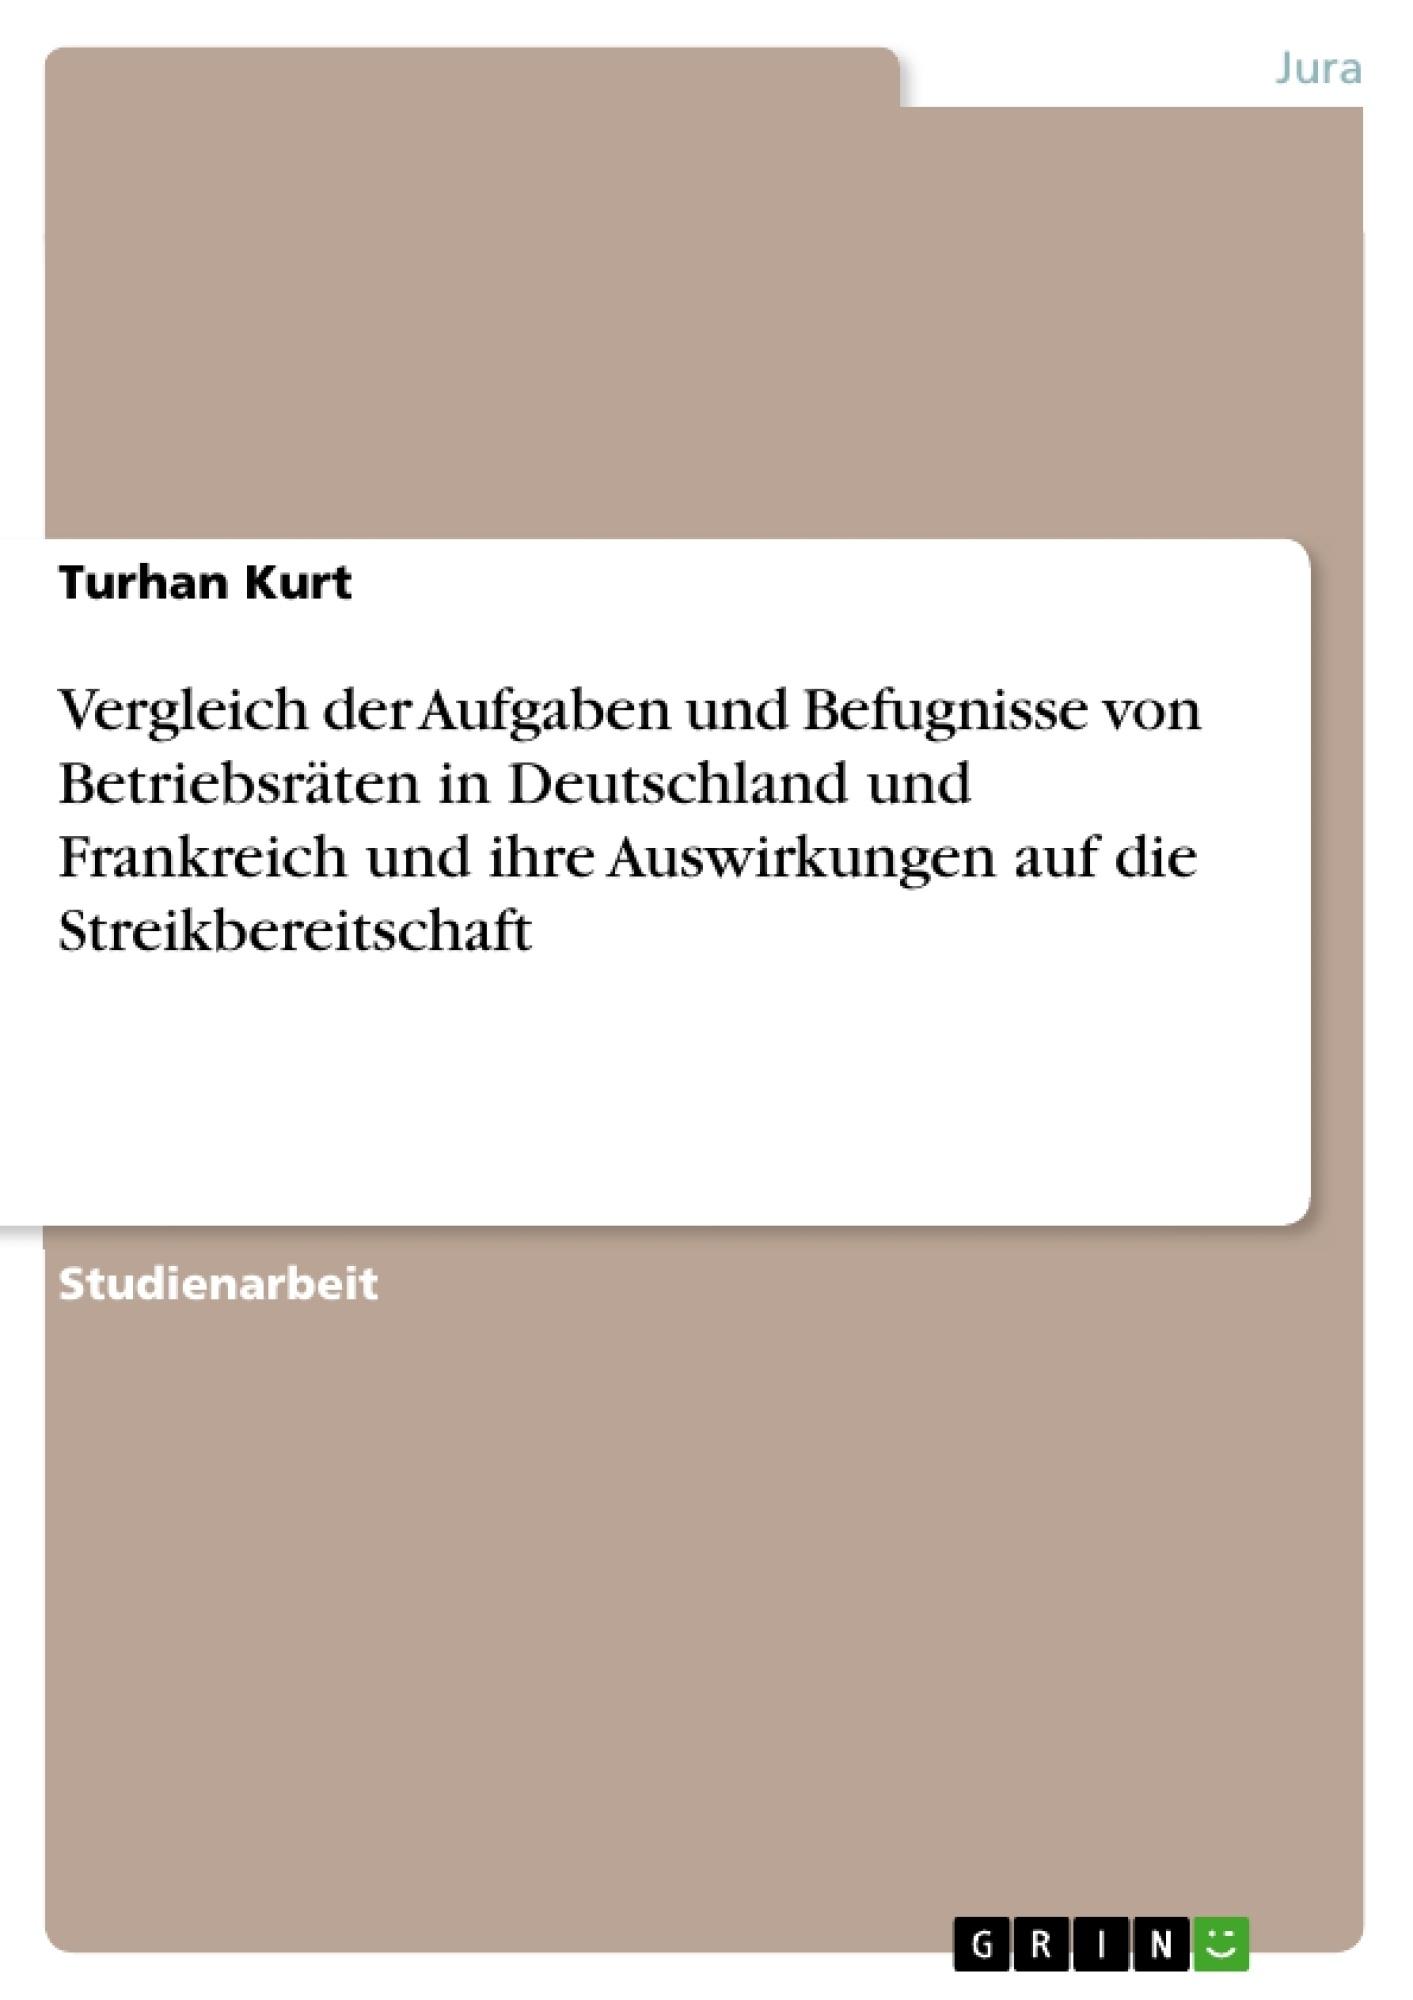 Titel: Vergleich der Aufgaben und Befugnisse von Betriebsräten in Deutschland und Frankreich und ihre Auswirkungen auf die Streikbereitschaft